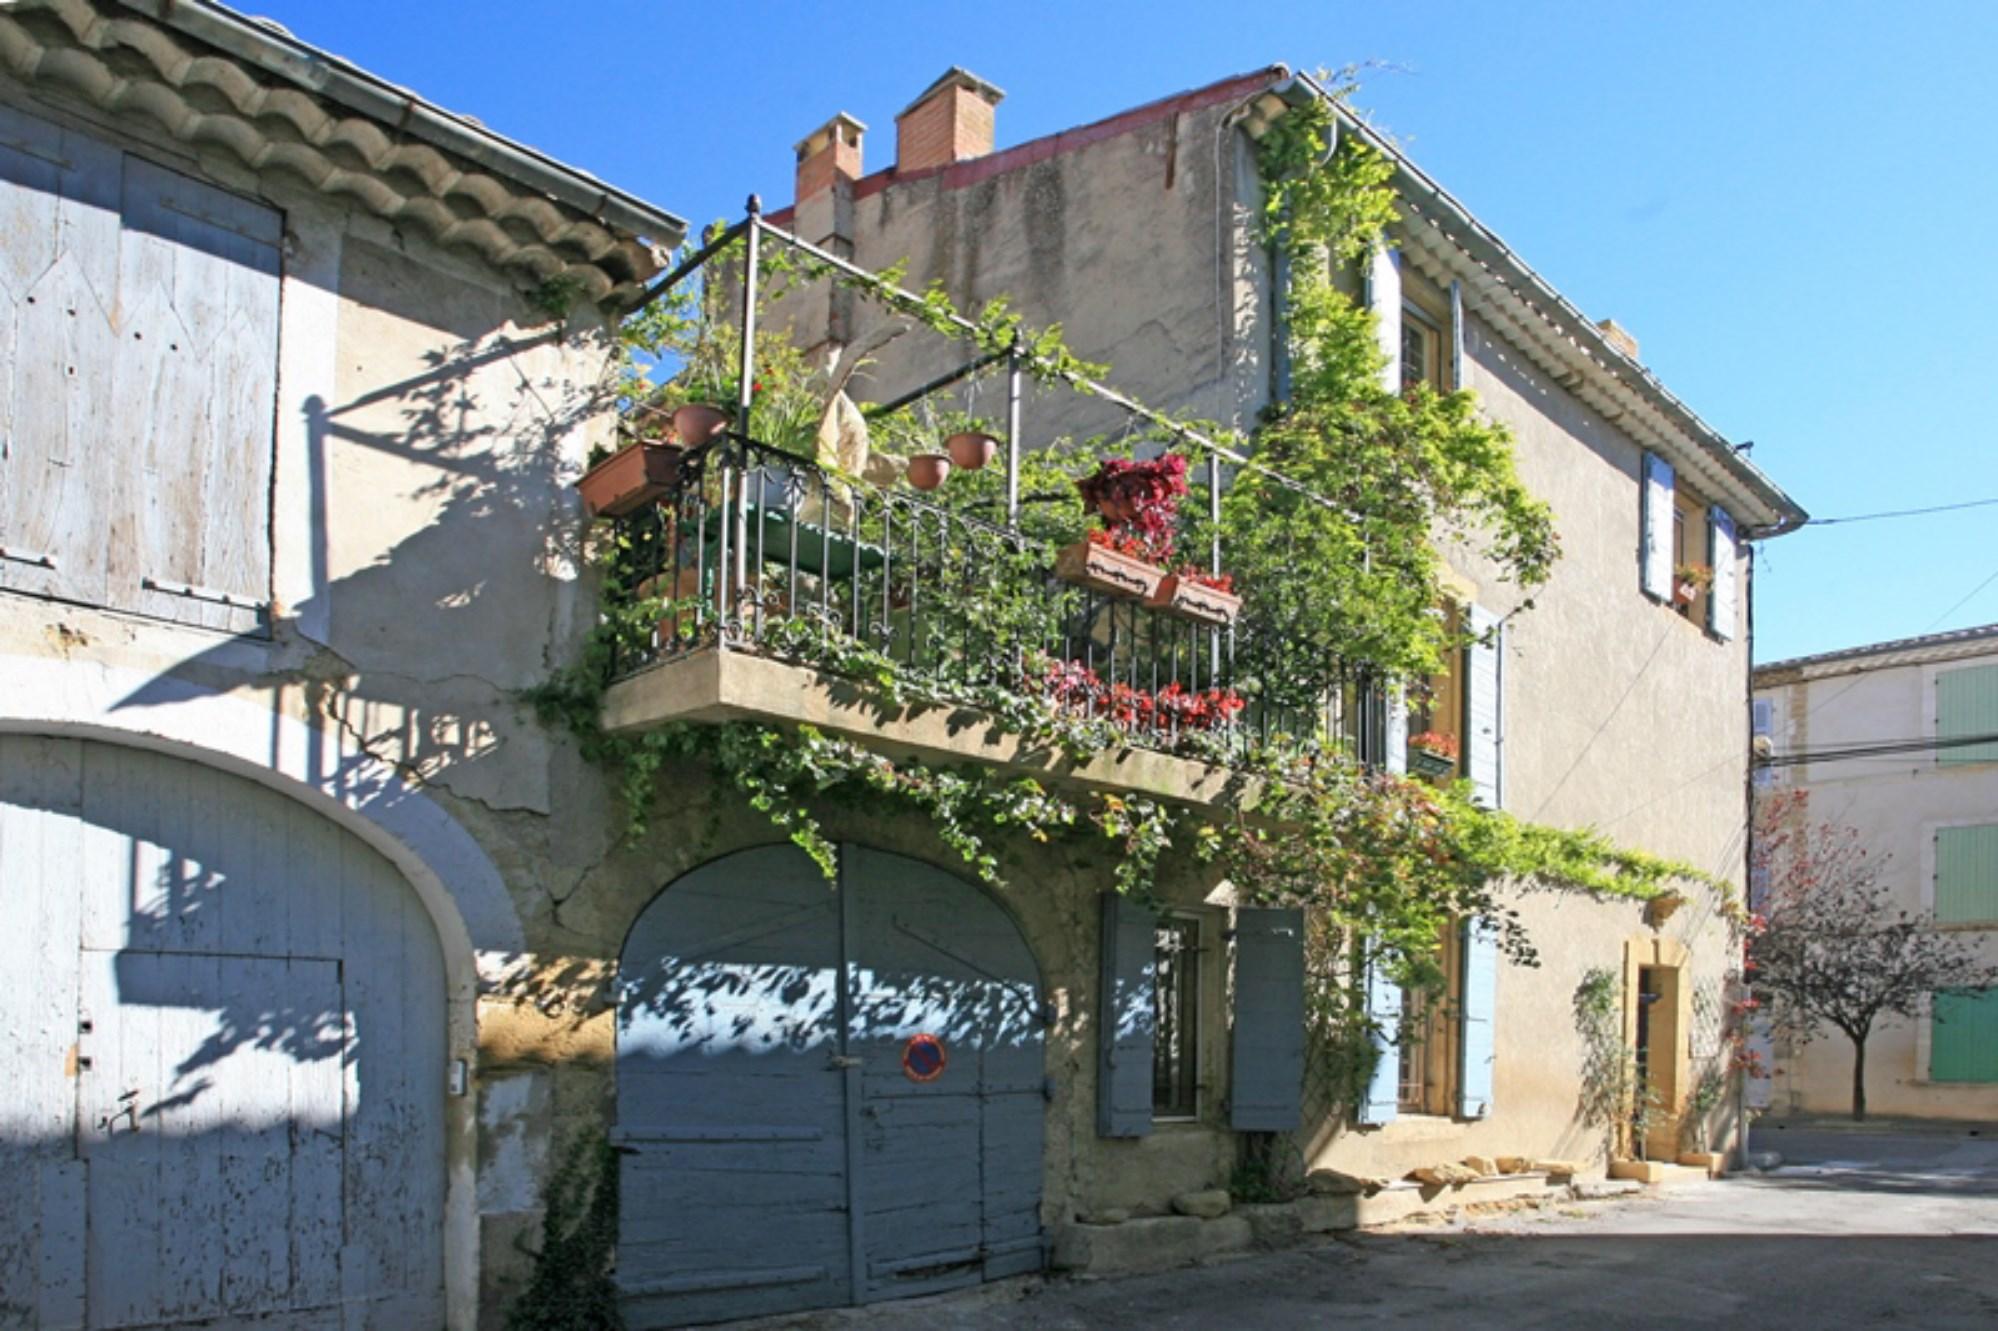 A vendre en Viager, maison de Maître du XIXe siècle sur Lauris, Luberon